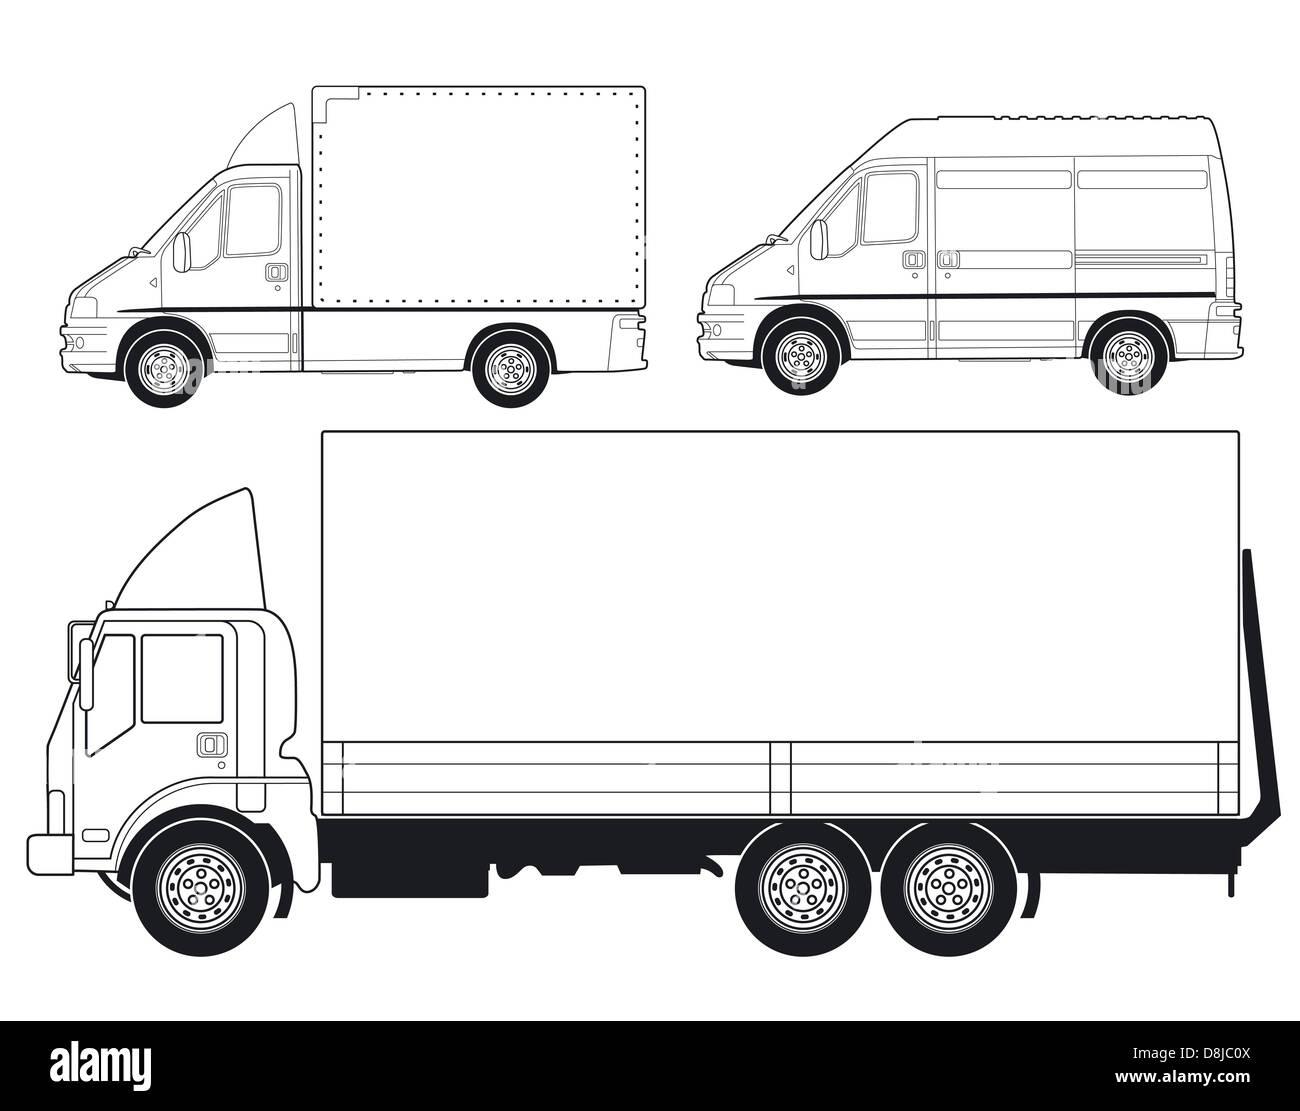 Trucks and vans Stock Photo